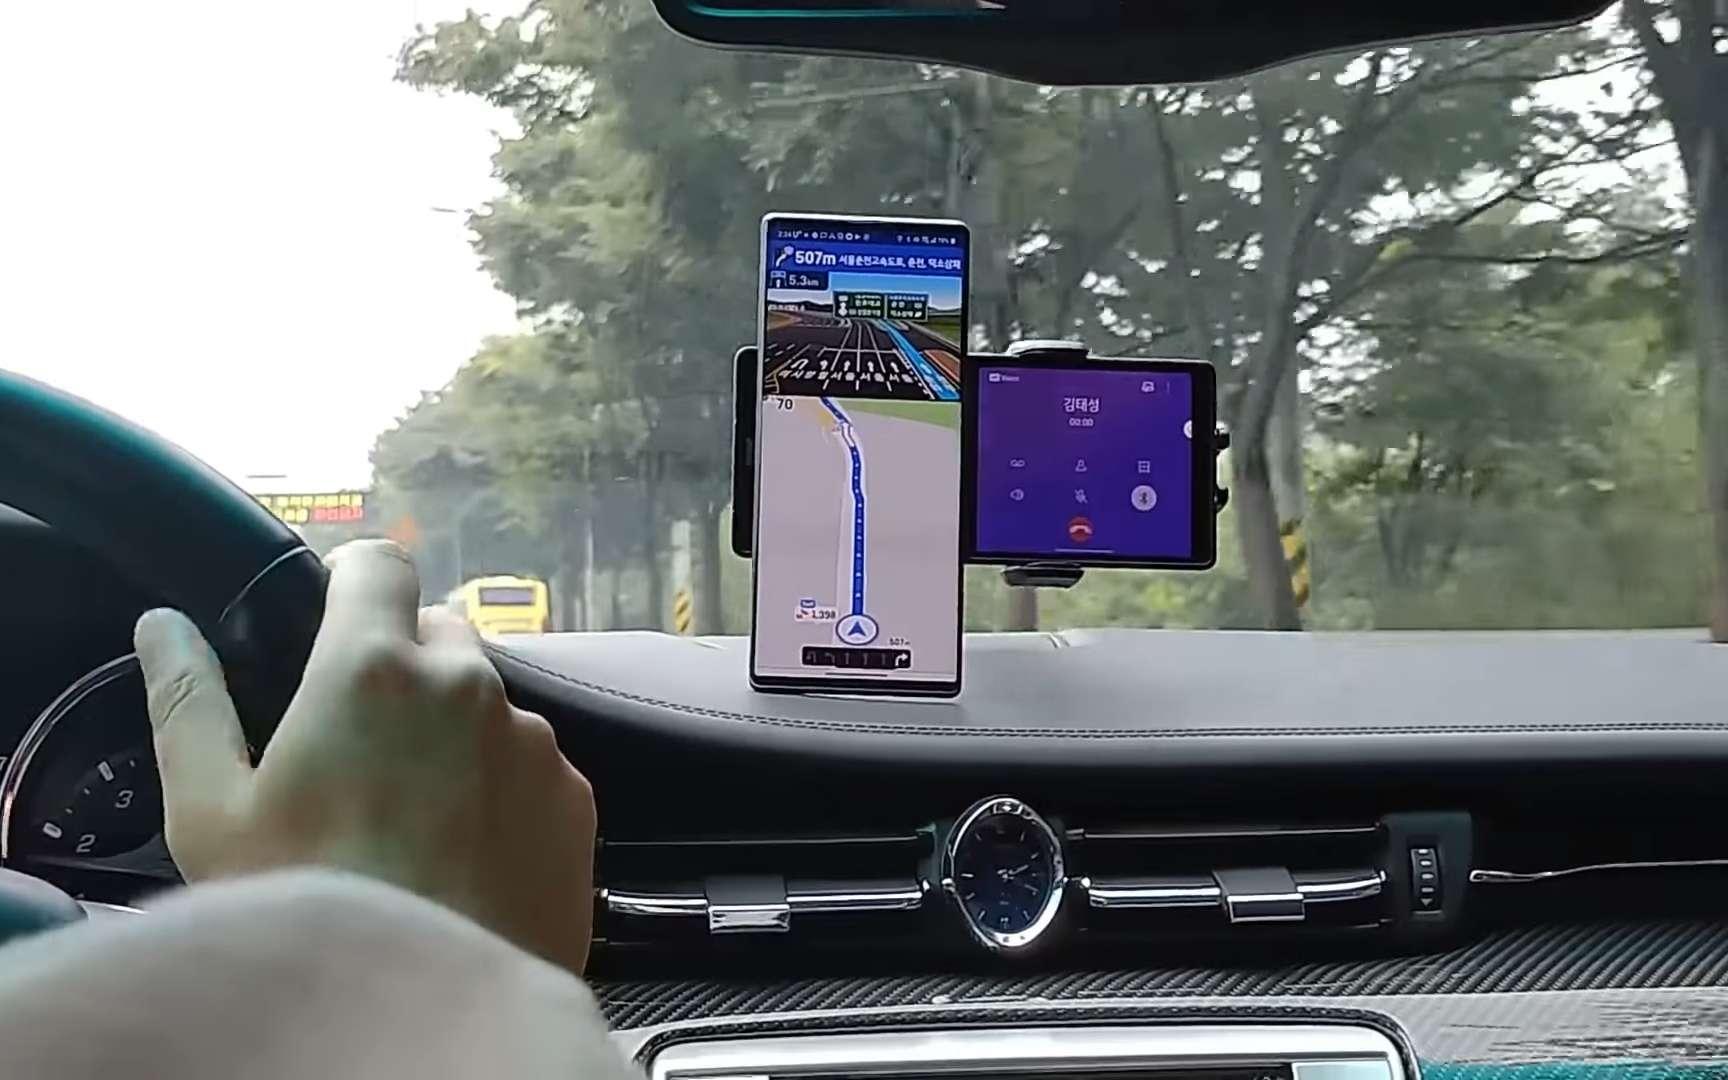 Le second écran du LG Wing permet un usage multitâche. © Android Authority, LG